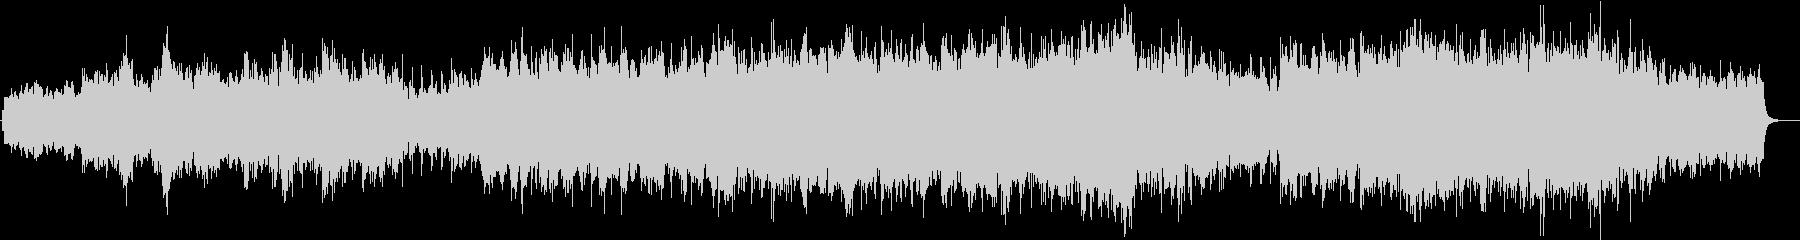 神秘的なピアノBGMの未再生の波形